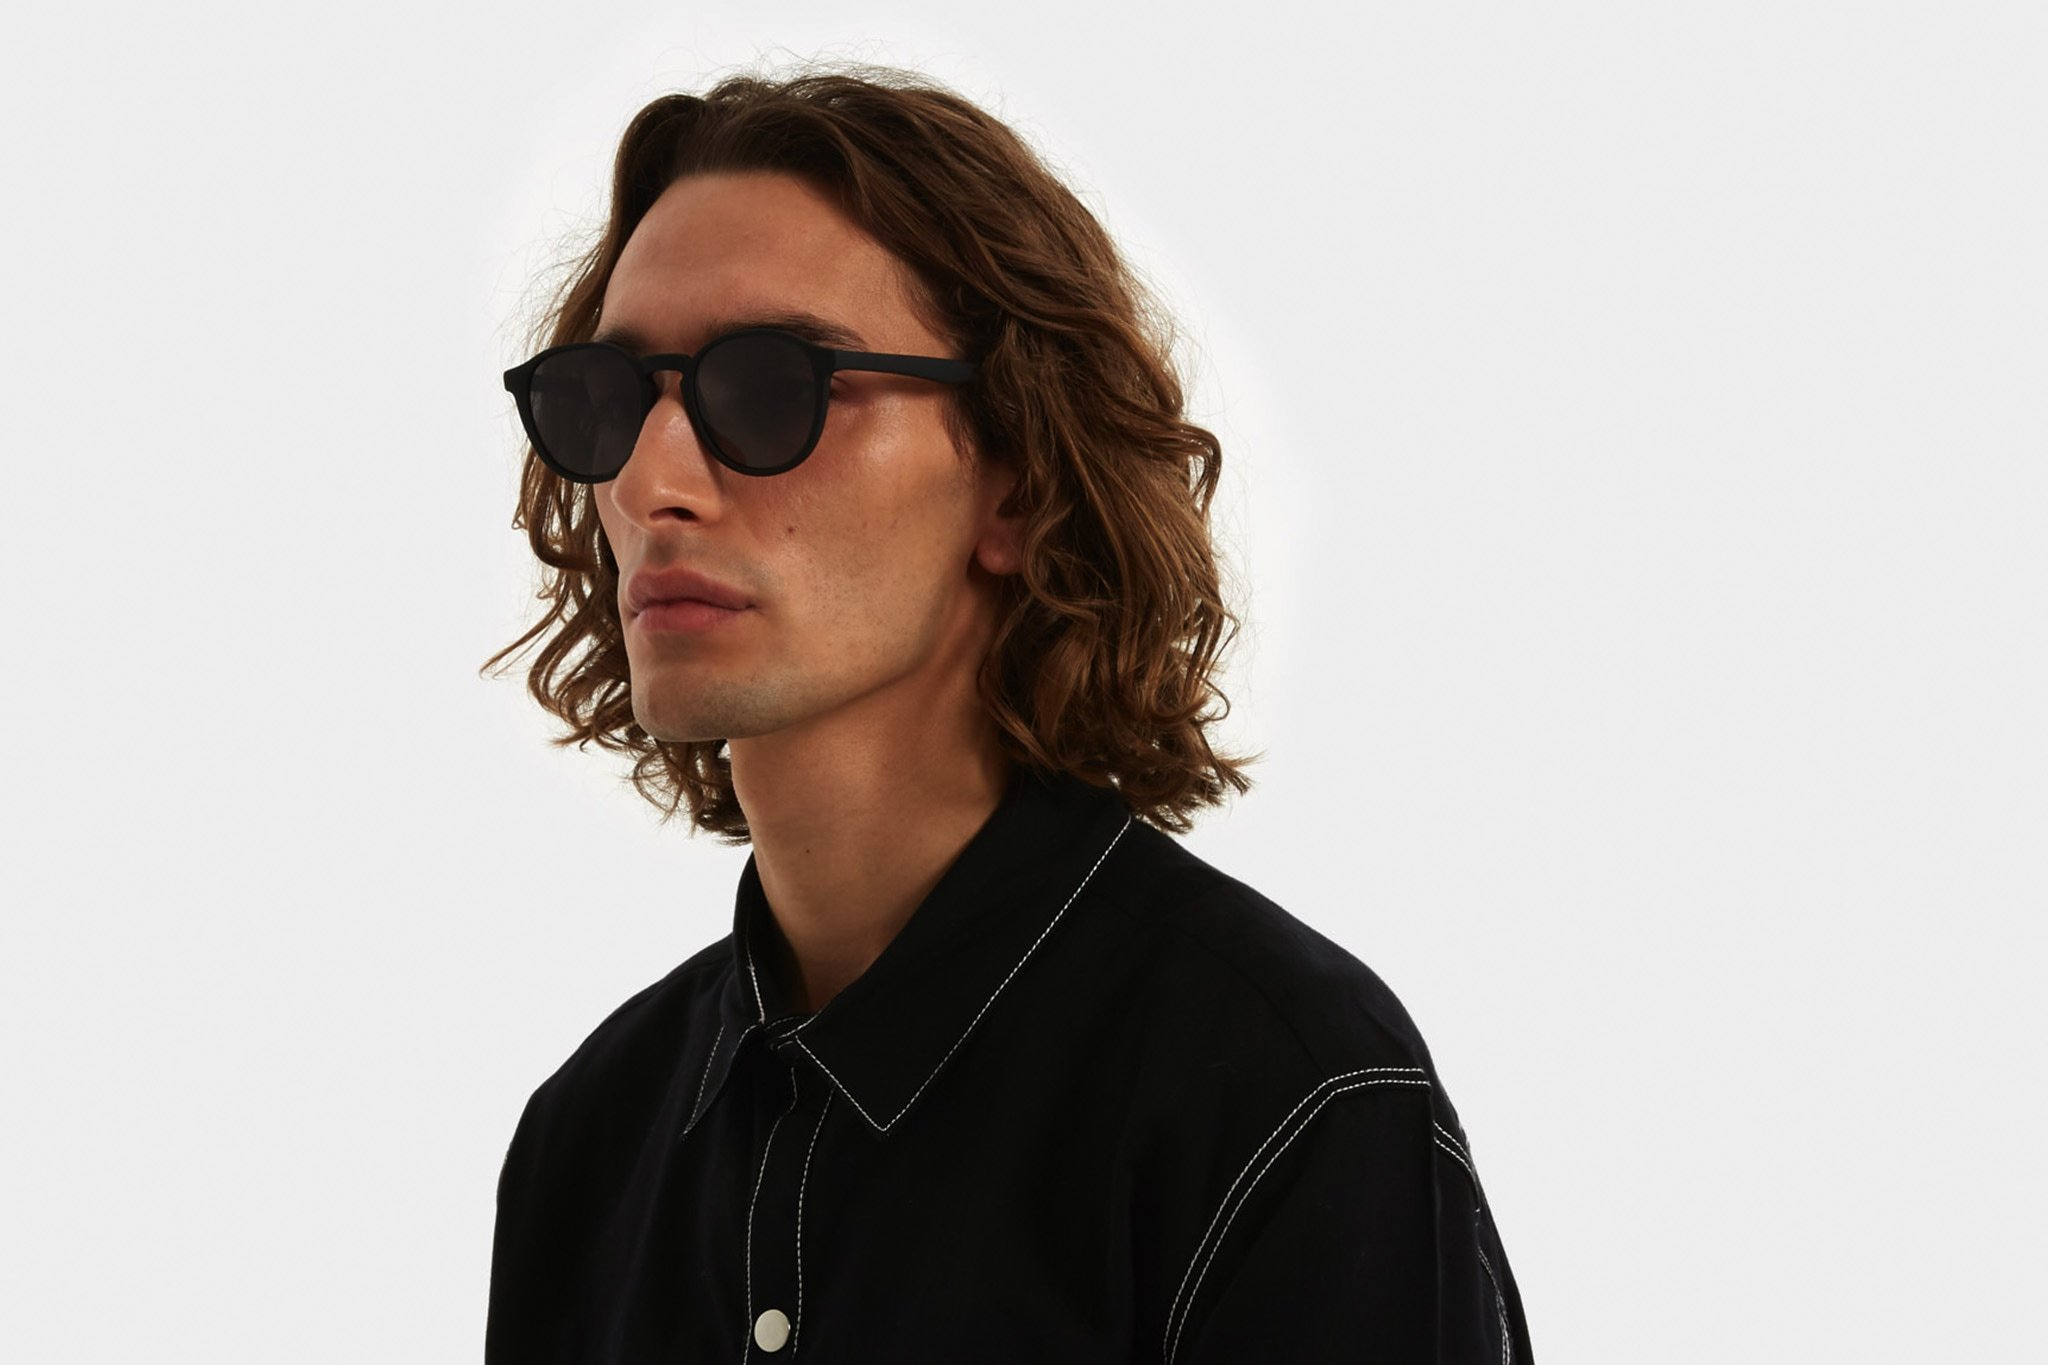 Κοκάλινα unisex γυαλιά ηλίου Liam σε μαύρο ματ σκελετό και επίπεδους γκρι φακούς της εταιρίας Komonoγια όλα τα πρόσωπα.